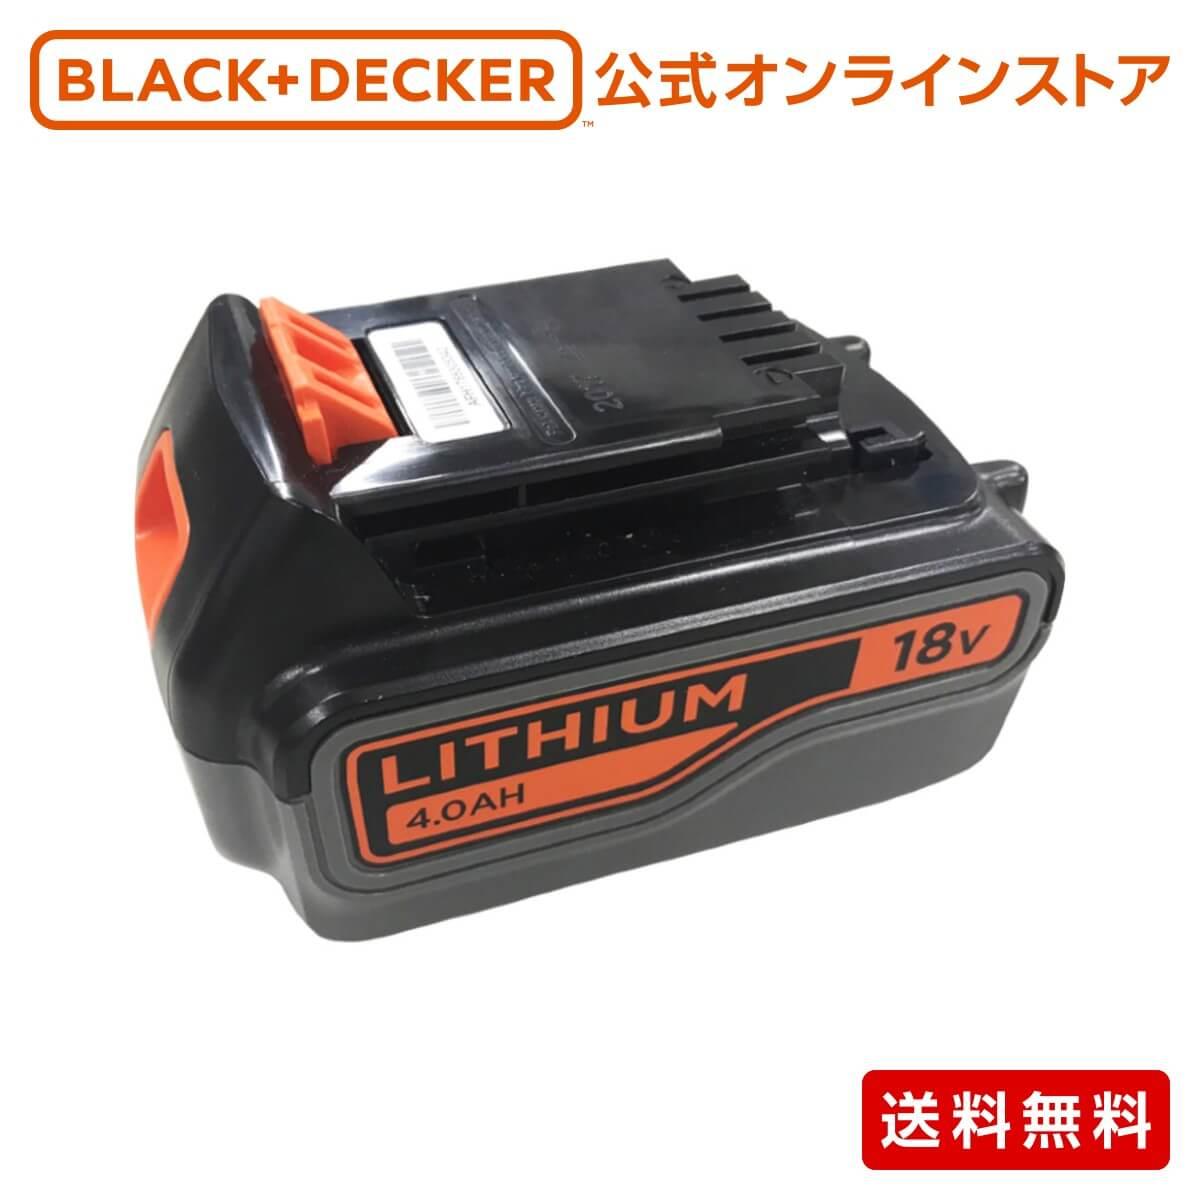 ブラックアンドデッカー (公式) BL4018 18V 4.0Ah リチウムイオンバッテリー